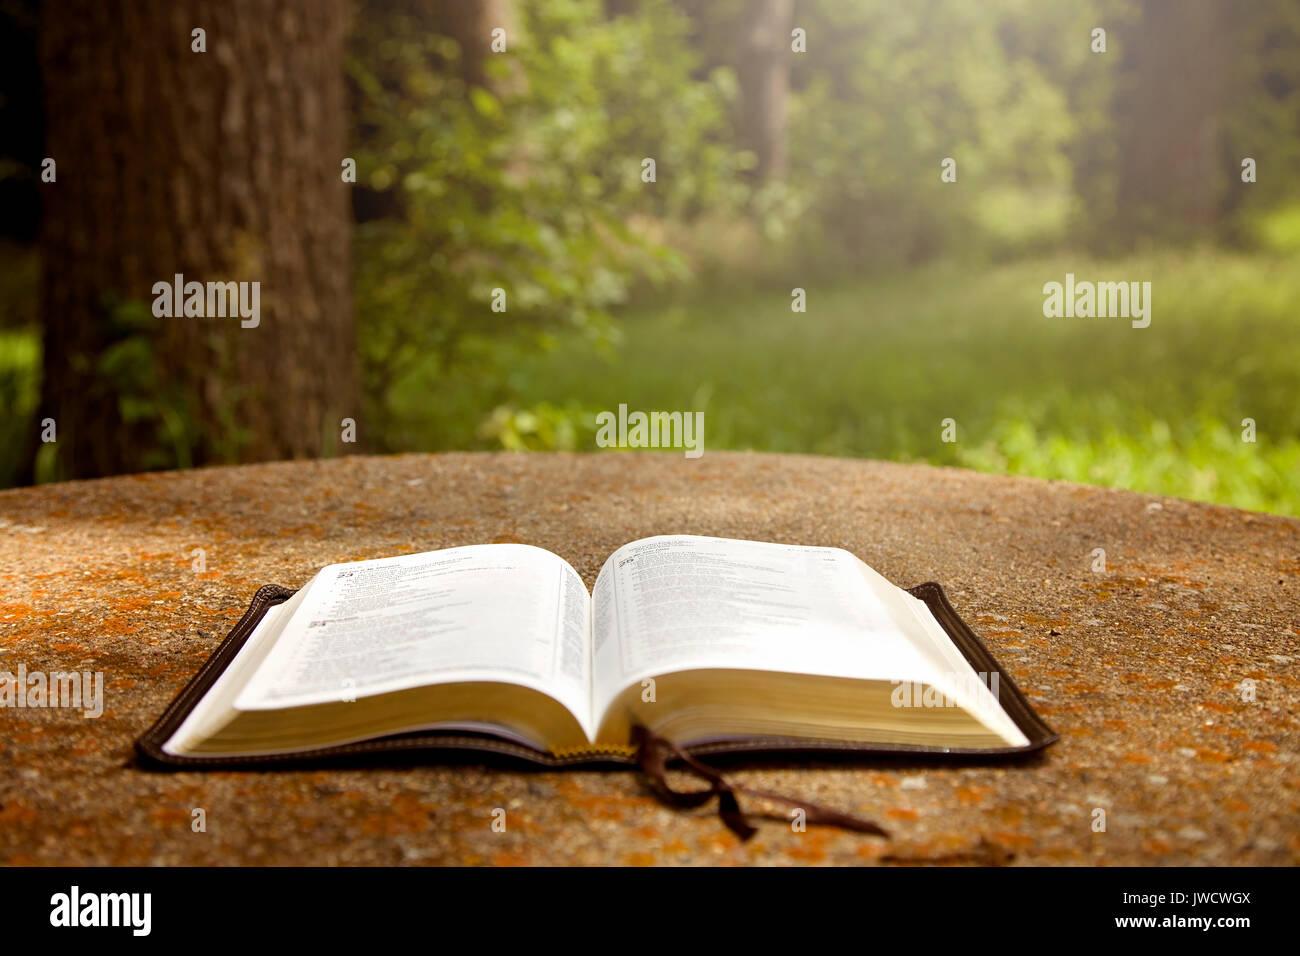 Una Biblia Abierta Sobre Una Tabla En Un Jardin Verde Fotografia De Stock Alamy